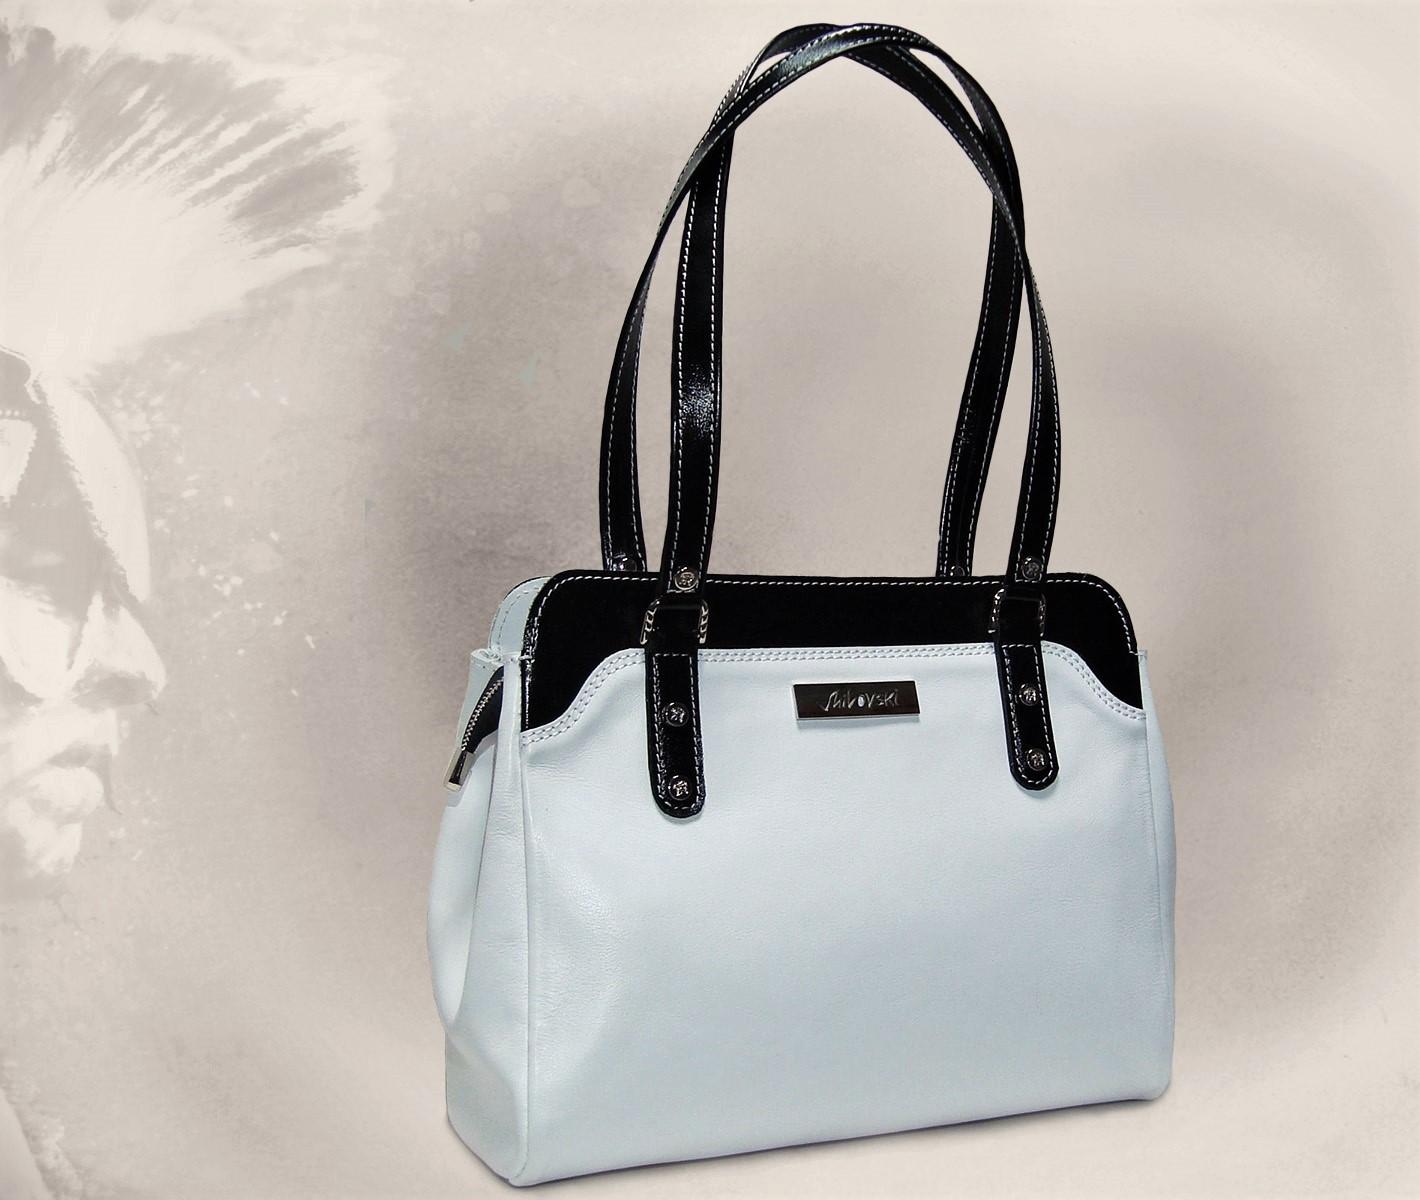 Сумка Модель №41-1Сумки и др. изделия из кожи<br>Высота сумки: 24 см <br>Высота до молнии: 20 см <br>Ширина сумки верх: 29 см <br>Ширина сумки низ: 31 см <br>Ширина сумки сбоку: 12 см <br>Ширина дна: 11 см <br>Длинна ручек: 60 см<br><br>Тип: Сумка<br>Размер: -<br>Материал: Натуральная кожа